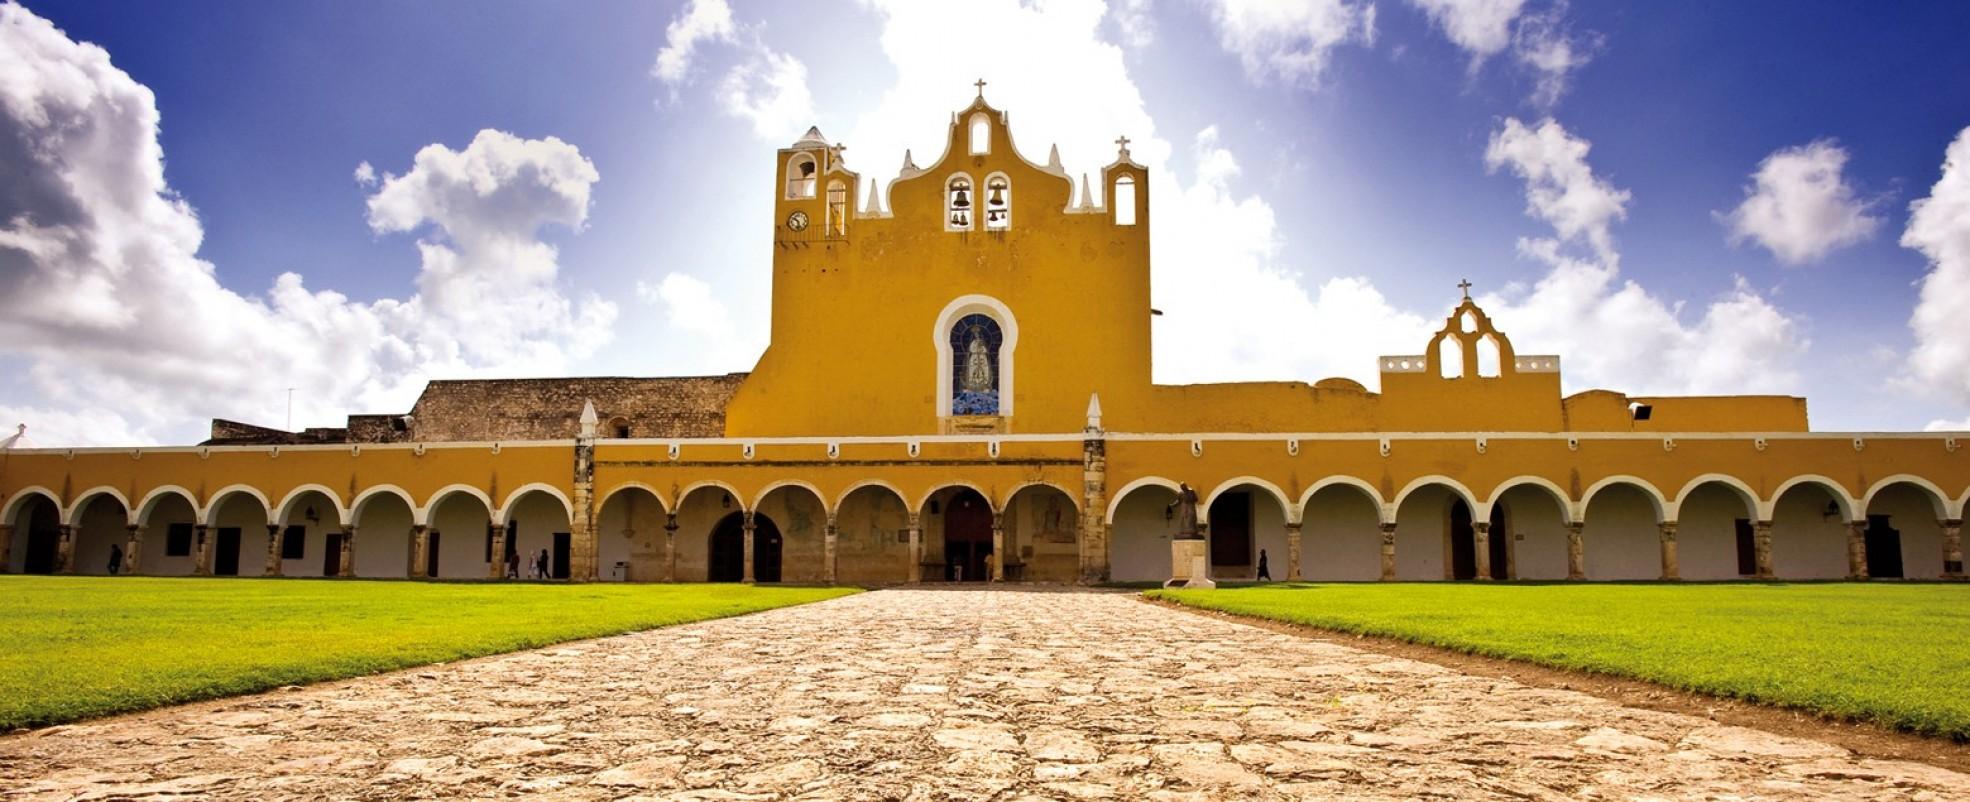 Yucatan Real Estate Yucatan Lots and Homes Merida